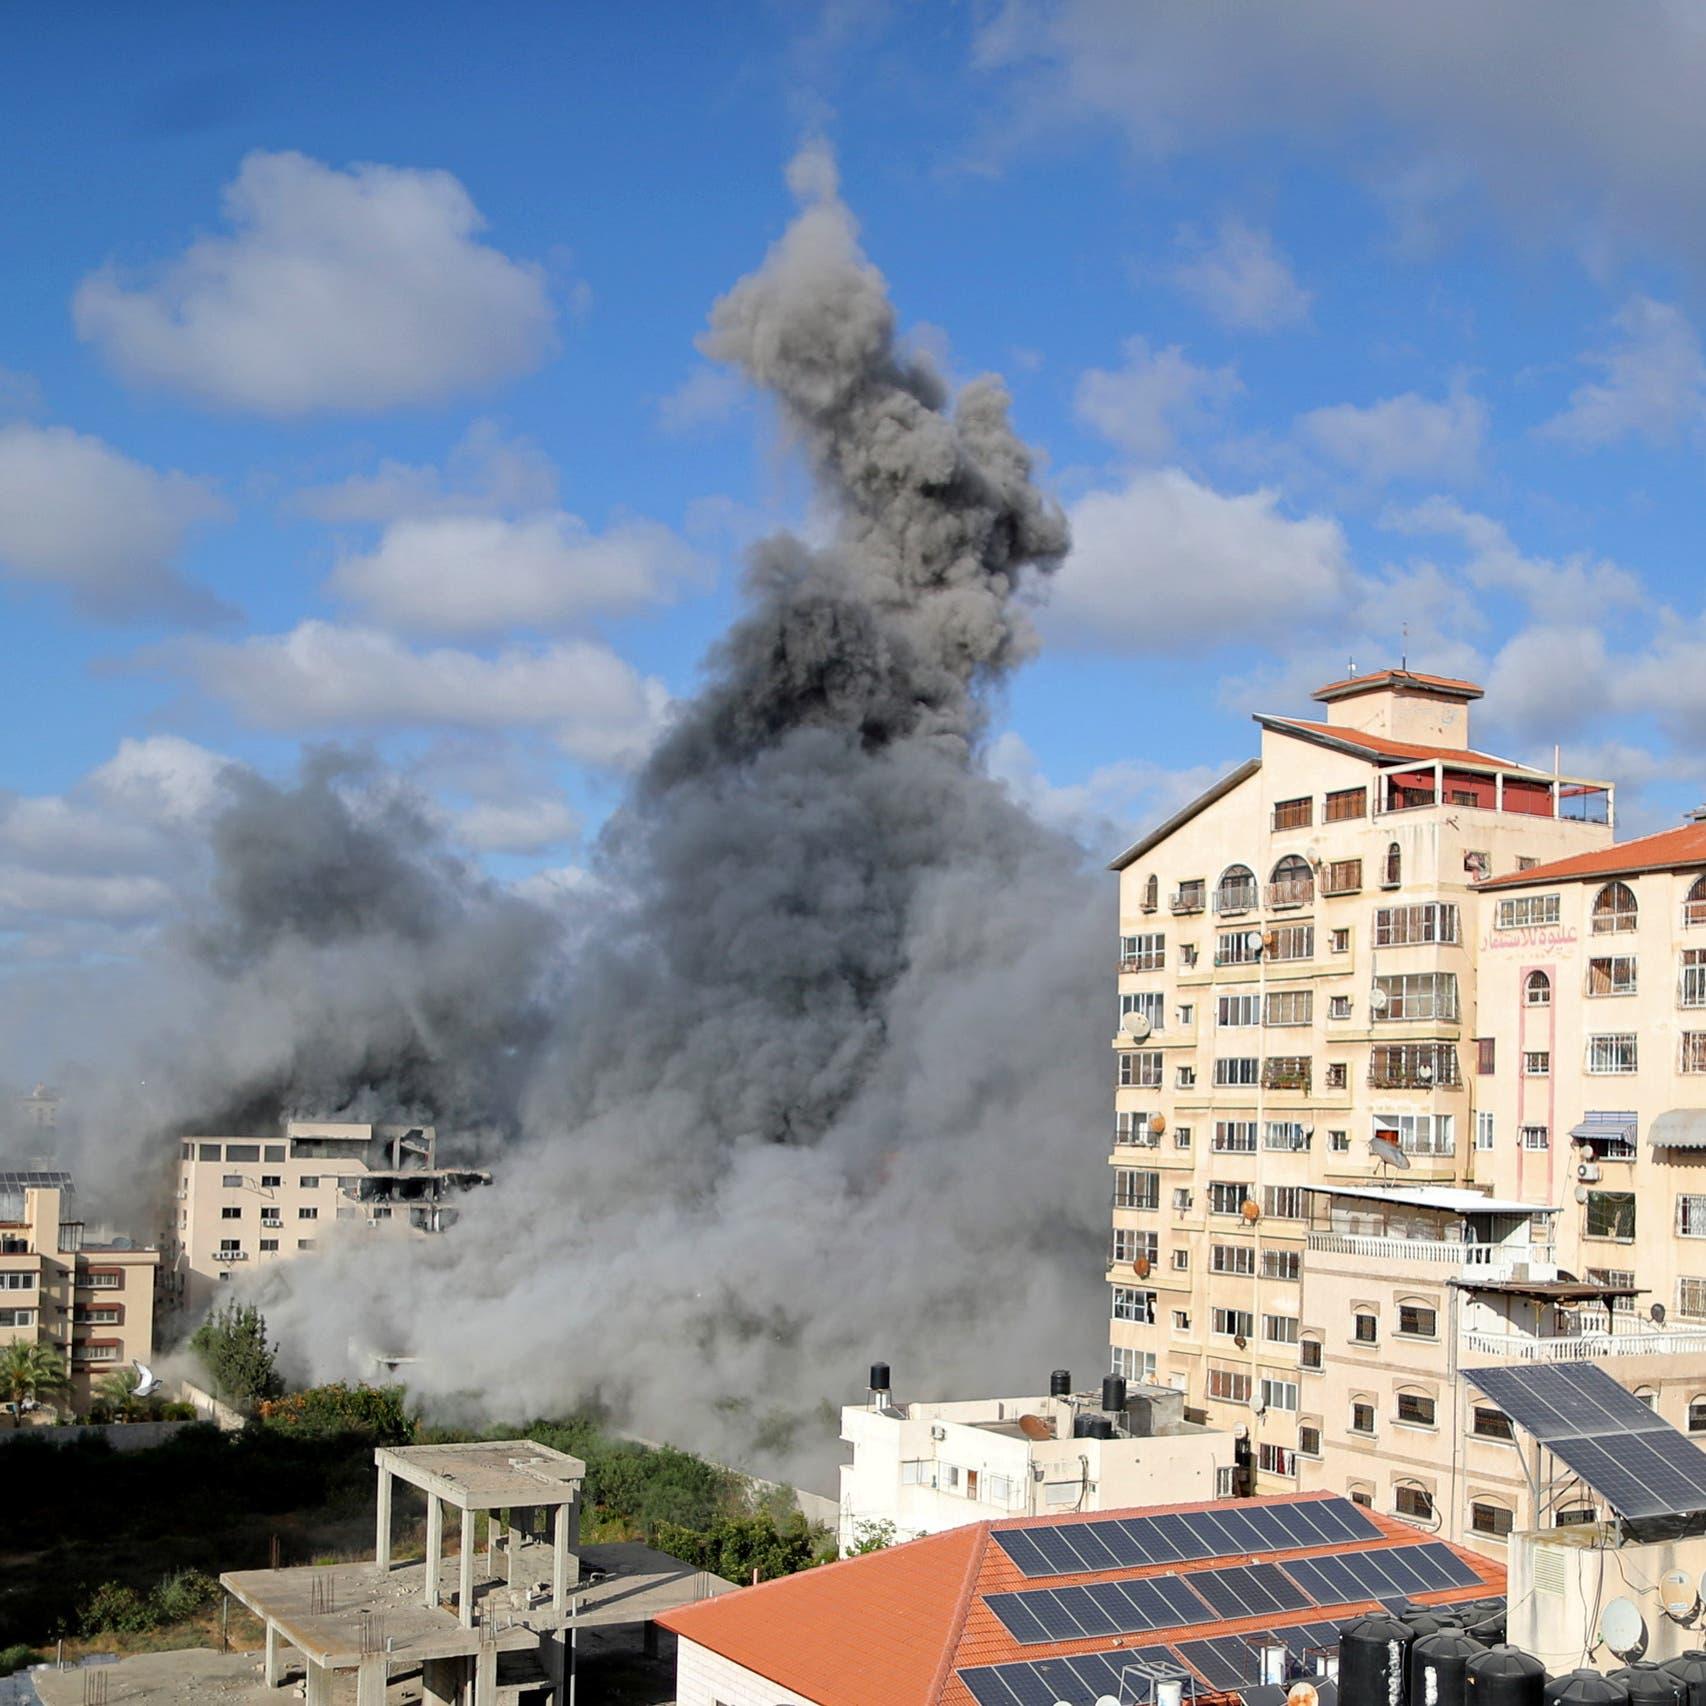 حماس وافقت سراً على تهدئة لـ18 ساعة.. تفاصيل جديدة